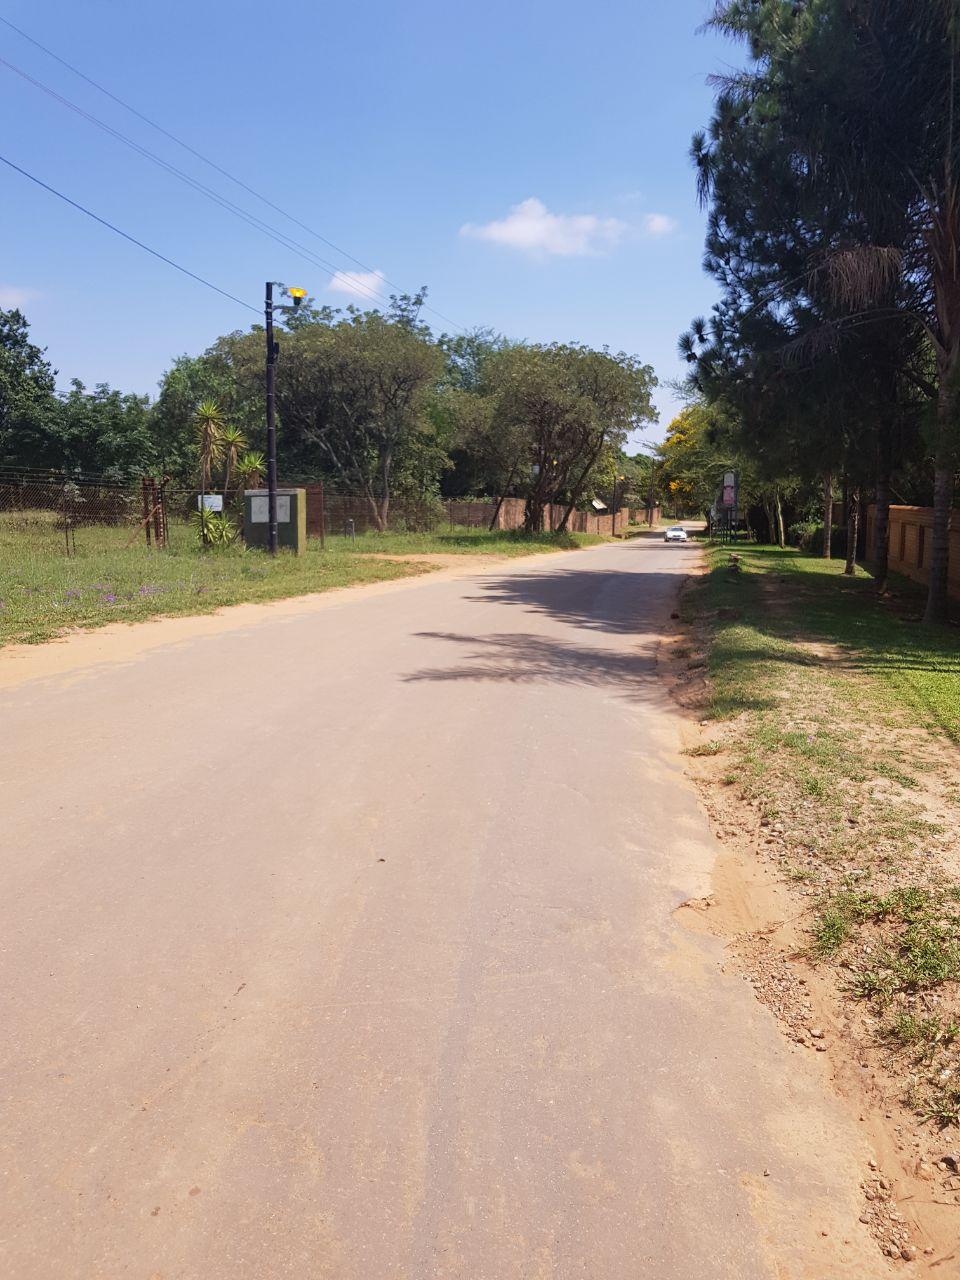 Dust Road Coating - Road Coating - DustKote